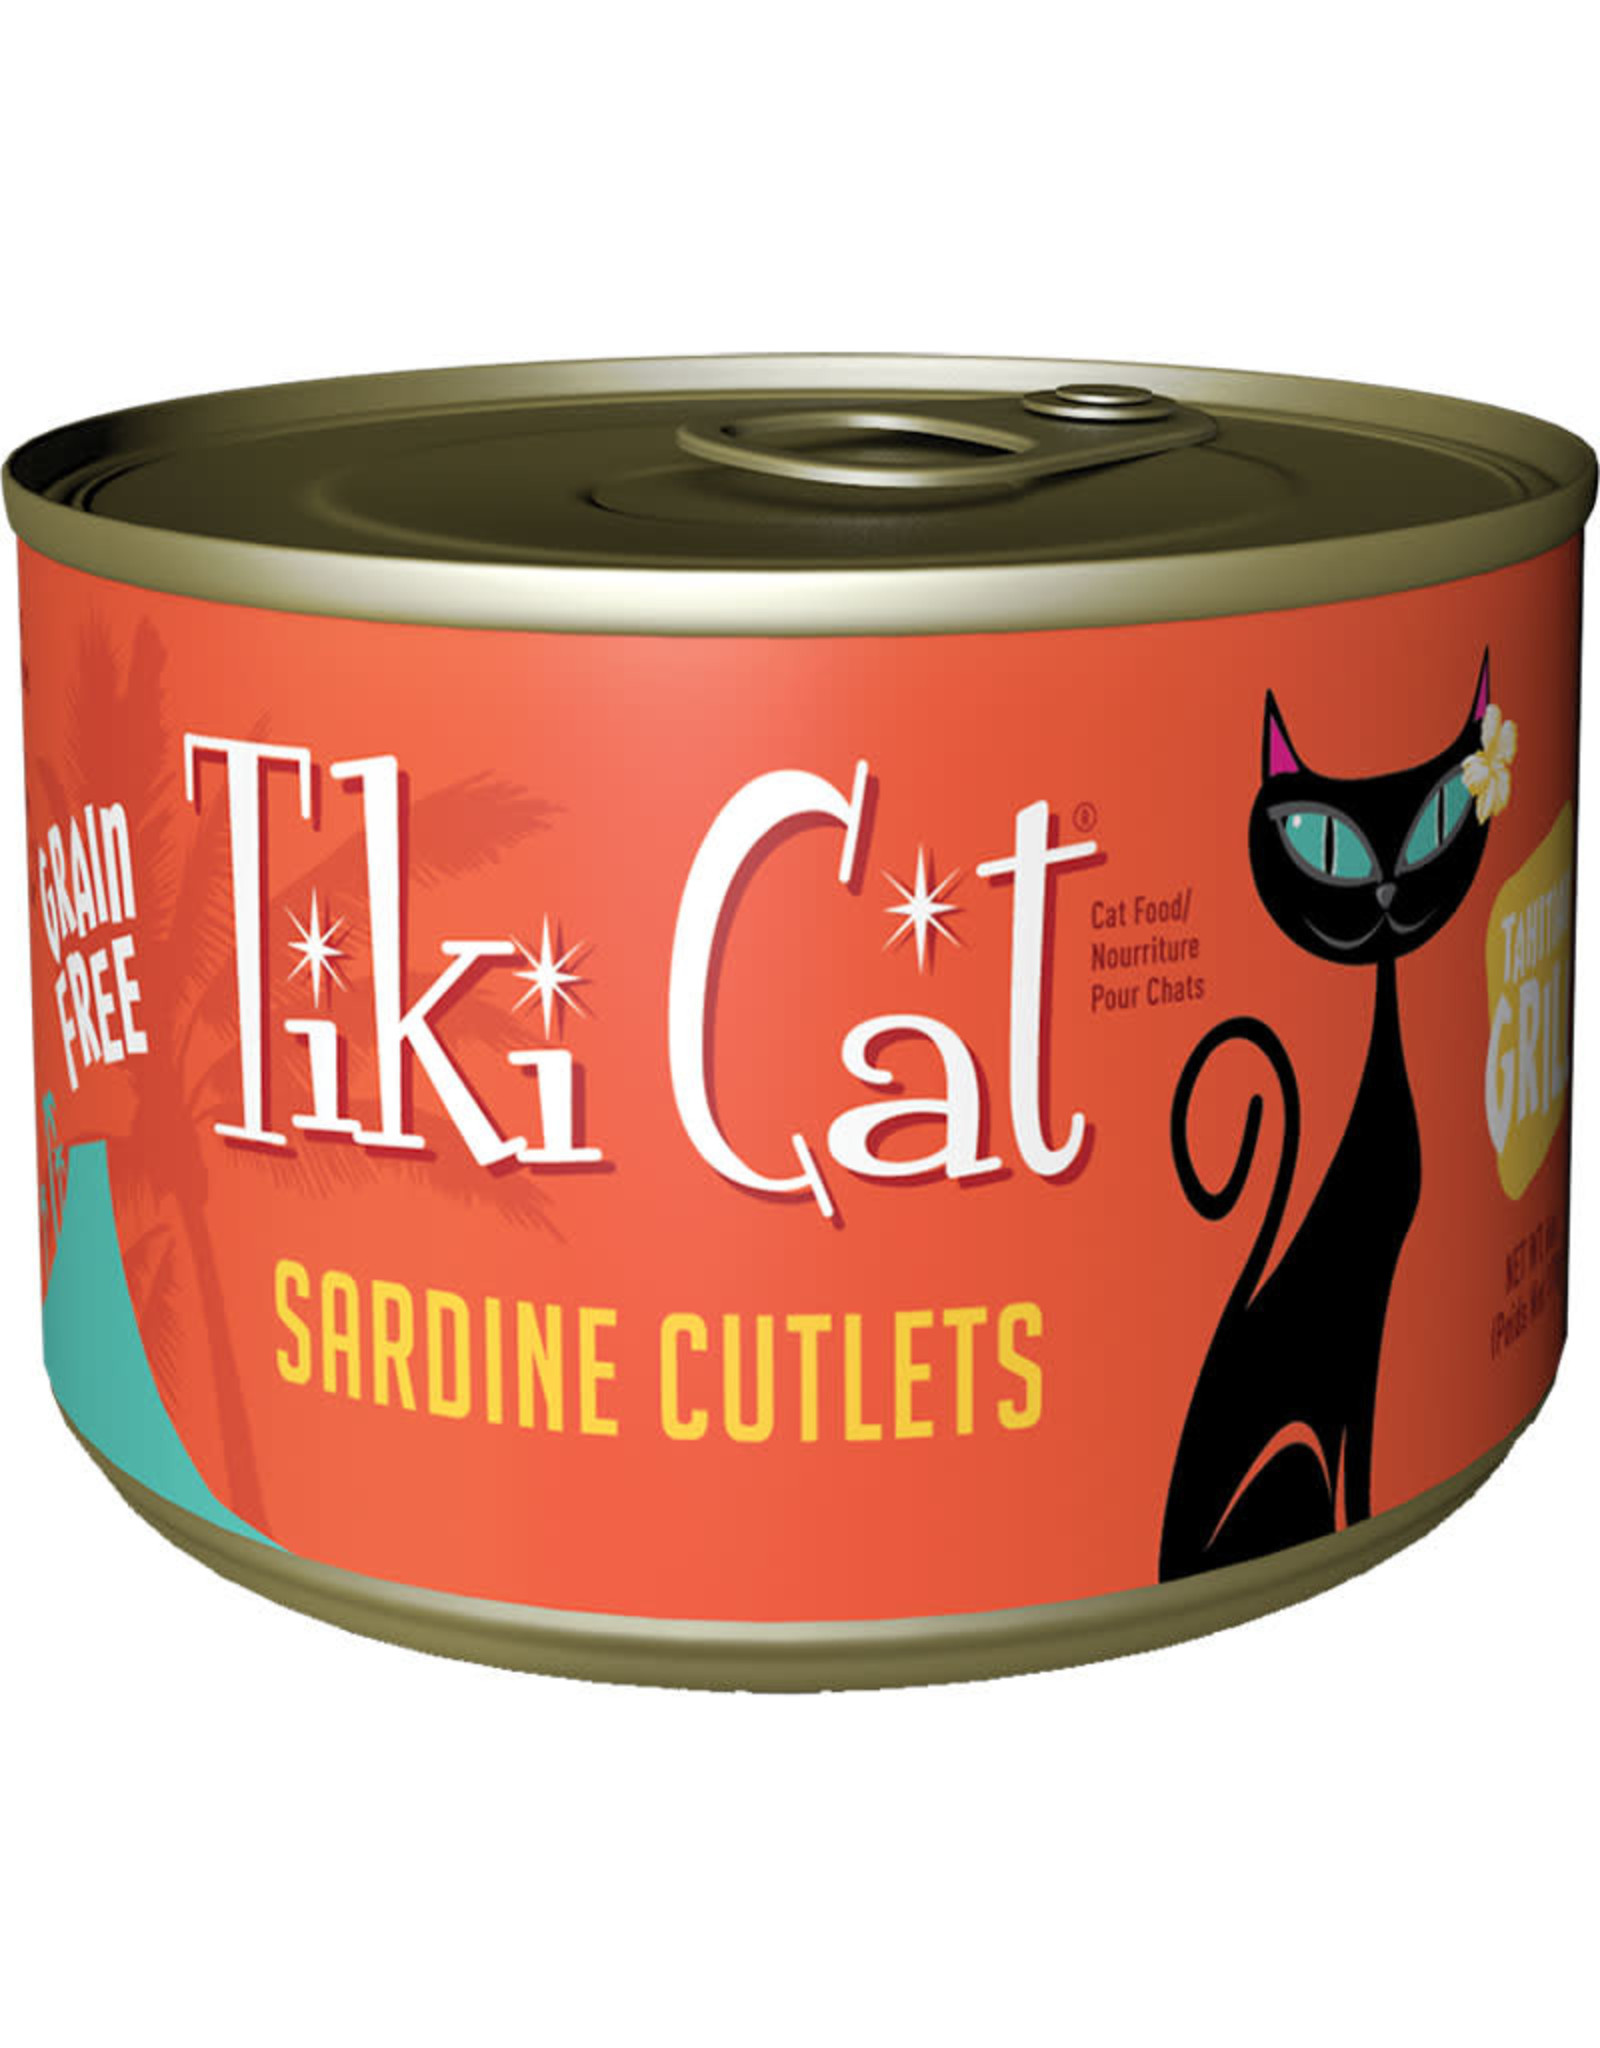 Tiki Cat Tiki Cat Tahitian Grill Sardine Cutlets Cat Food 6oz